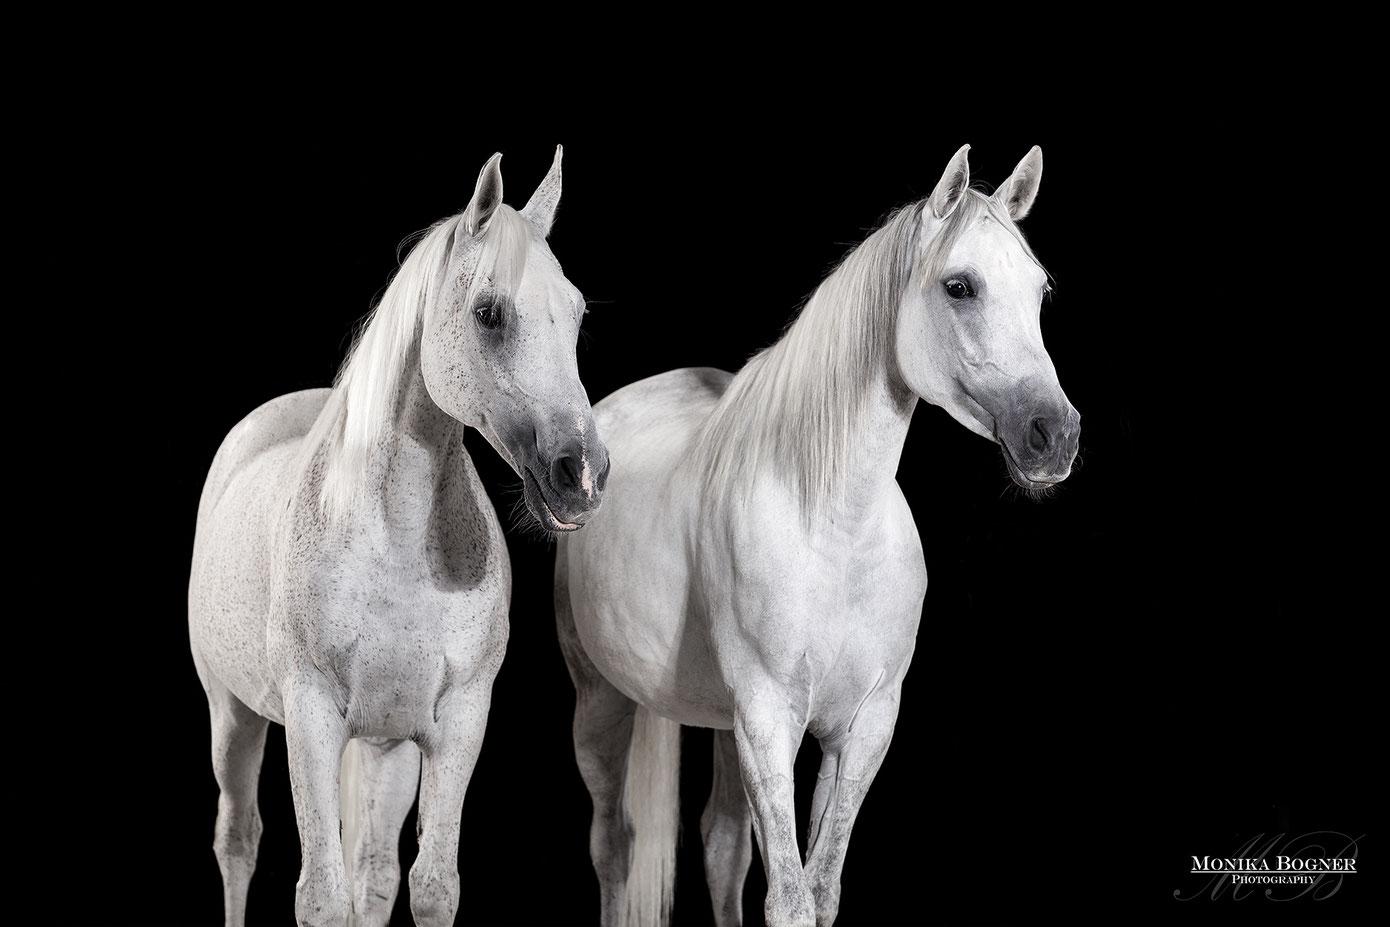 Pferde im Studio, Pferde vor schwarzem Hintergrund, Pferdefotografie, Araber Stute mit Fohlen, Schimmel